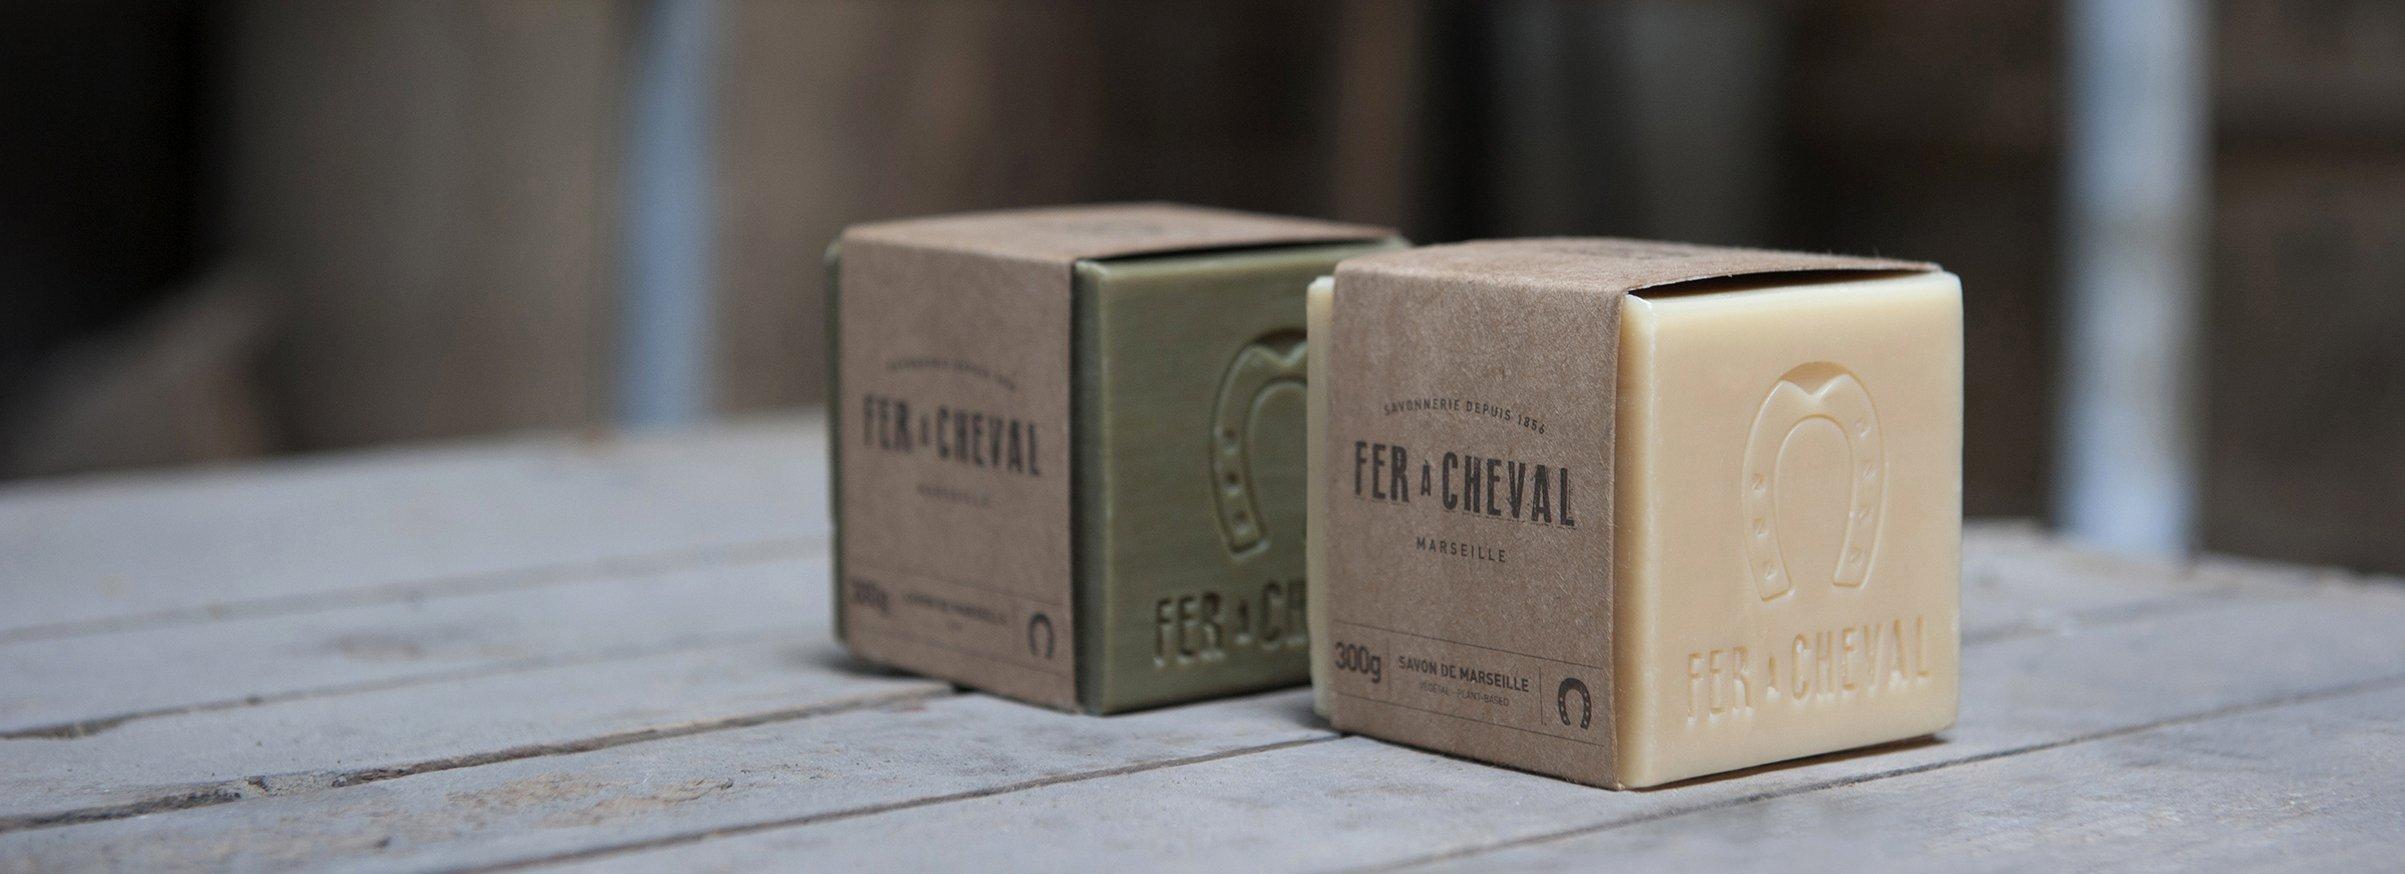 Authentique savon de Marseille Fer à Cheval